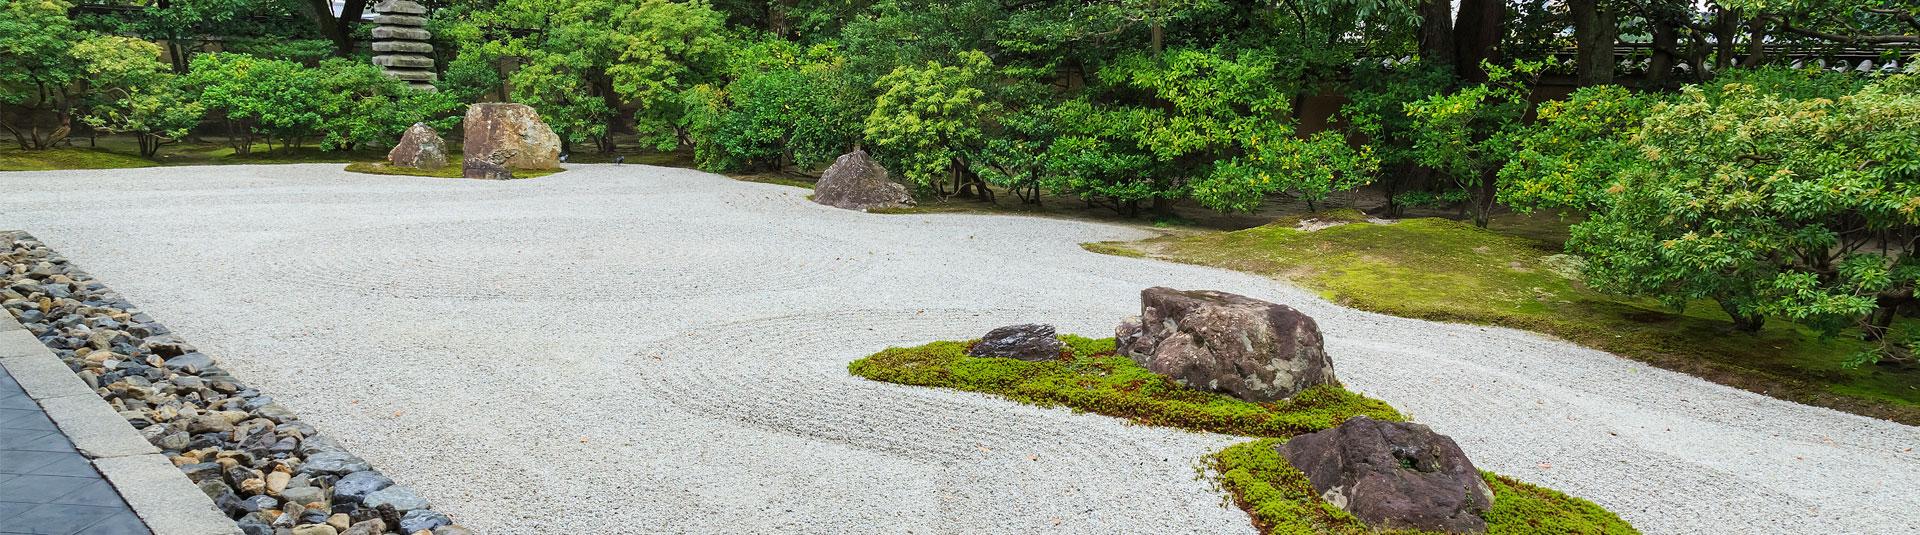 Giardino Zen Regole : Gaiazen gaia la multiservizi dal pollice verde